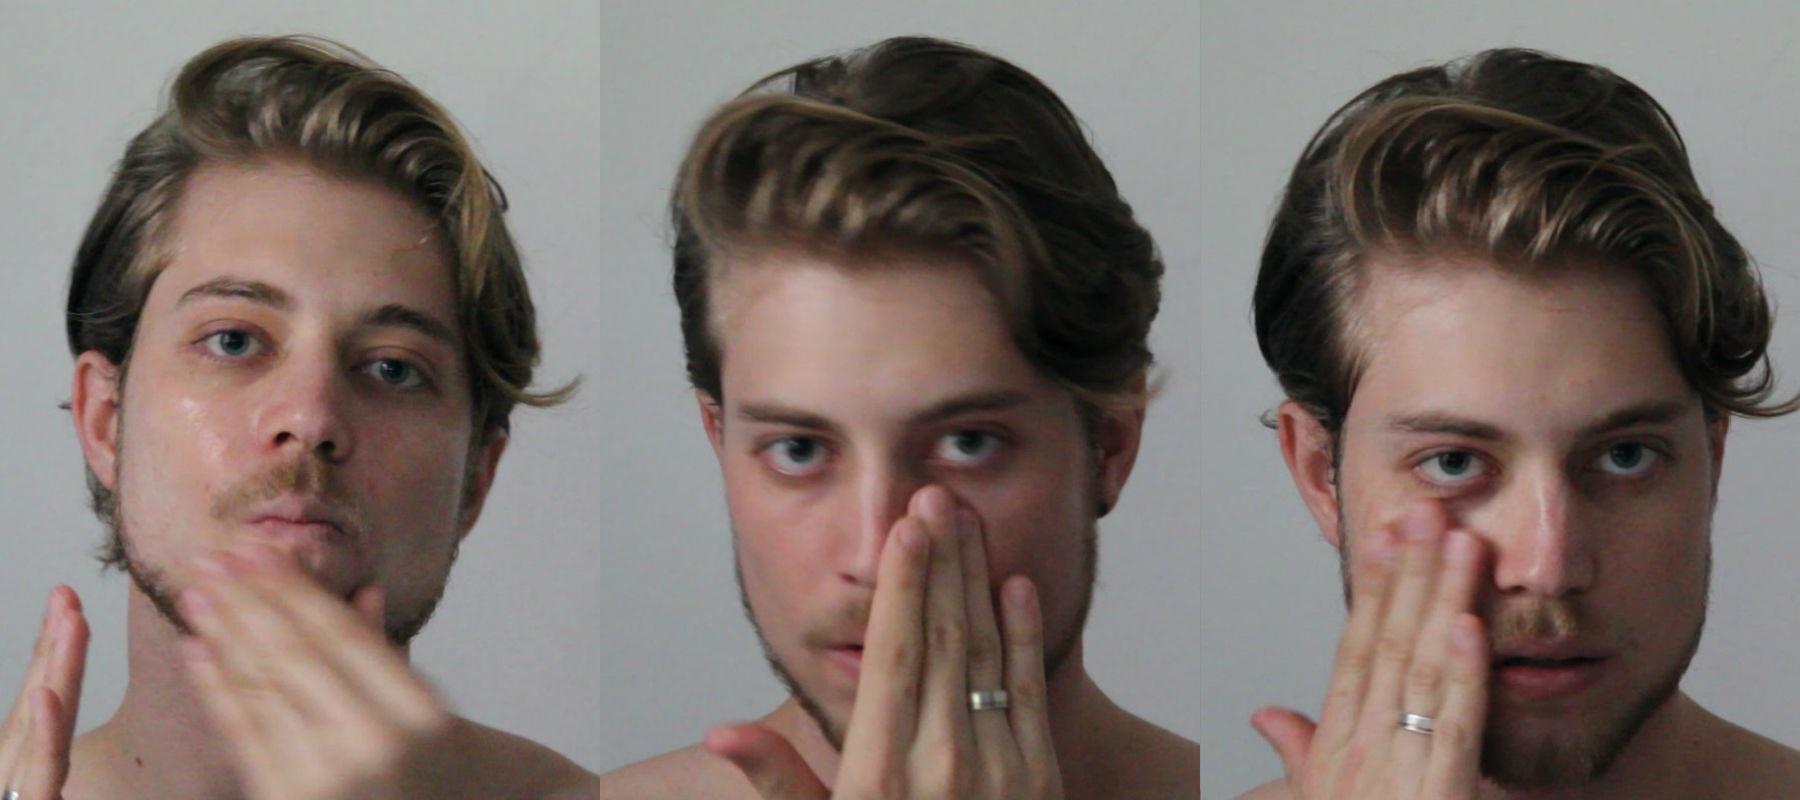 Homem No Espelho - Cuidados masculinos com a pele do rosto-6